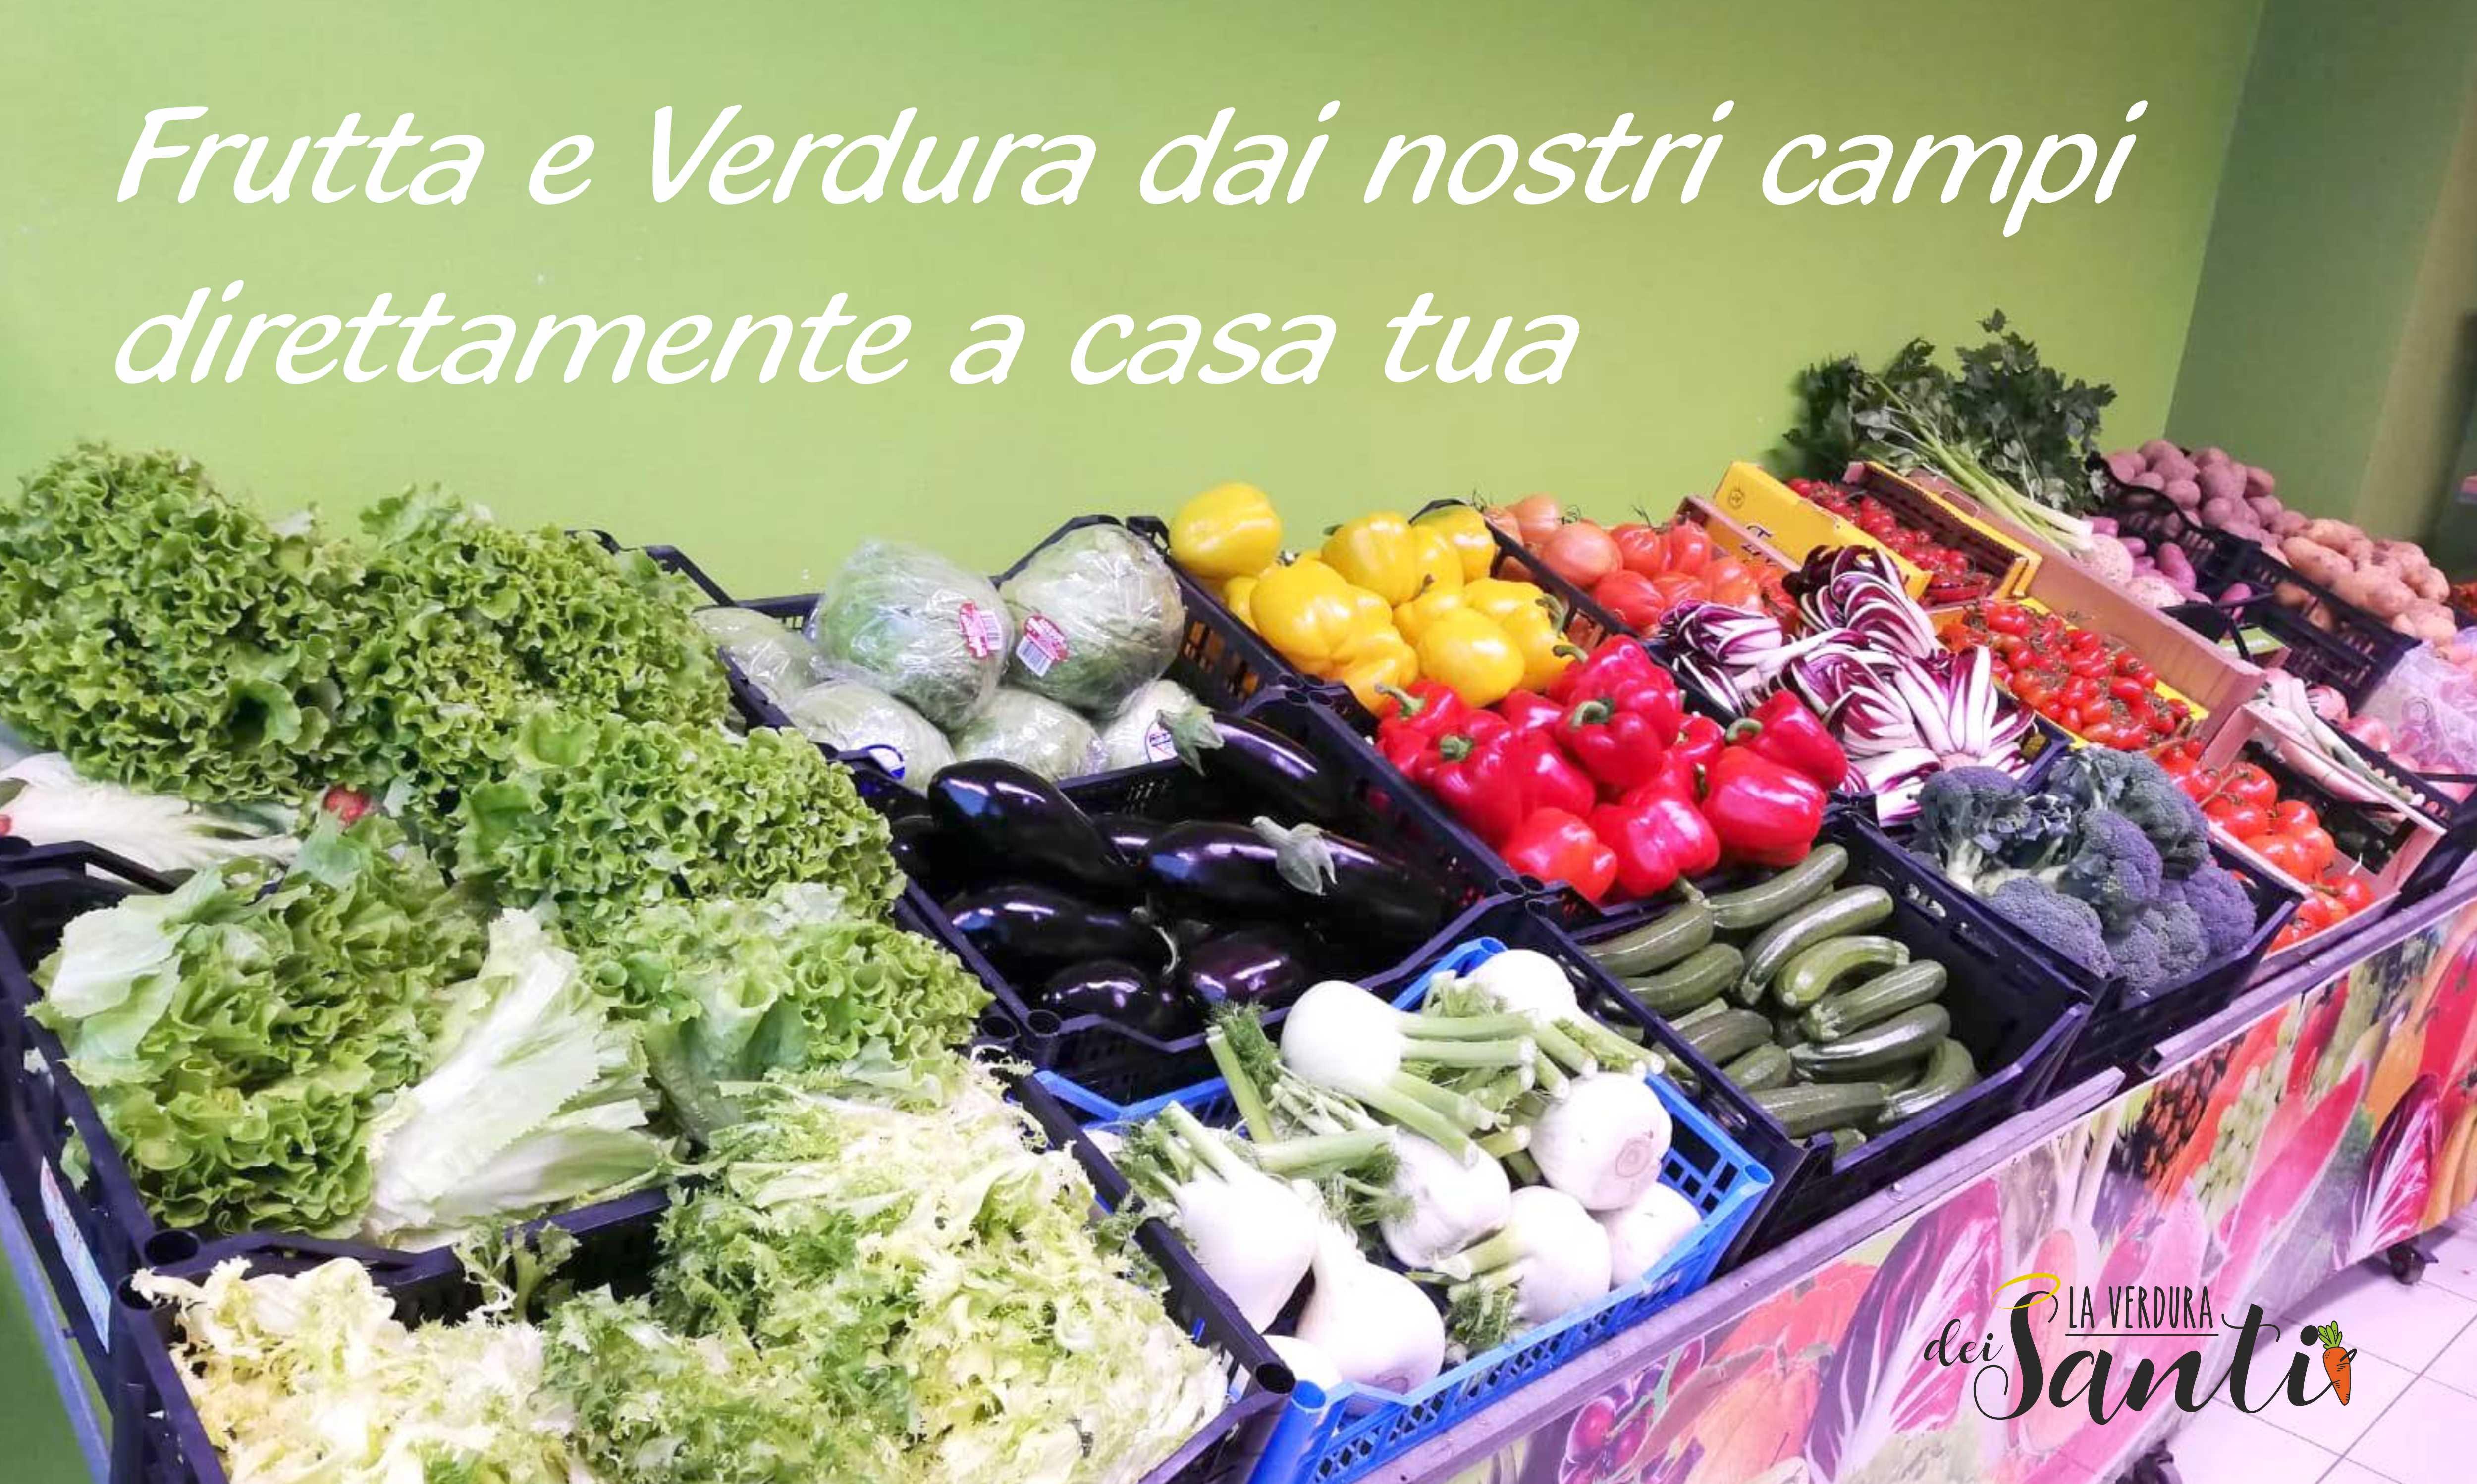 Frutta e Verdura dai nostri campi direttamente a casa tua!